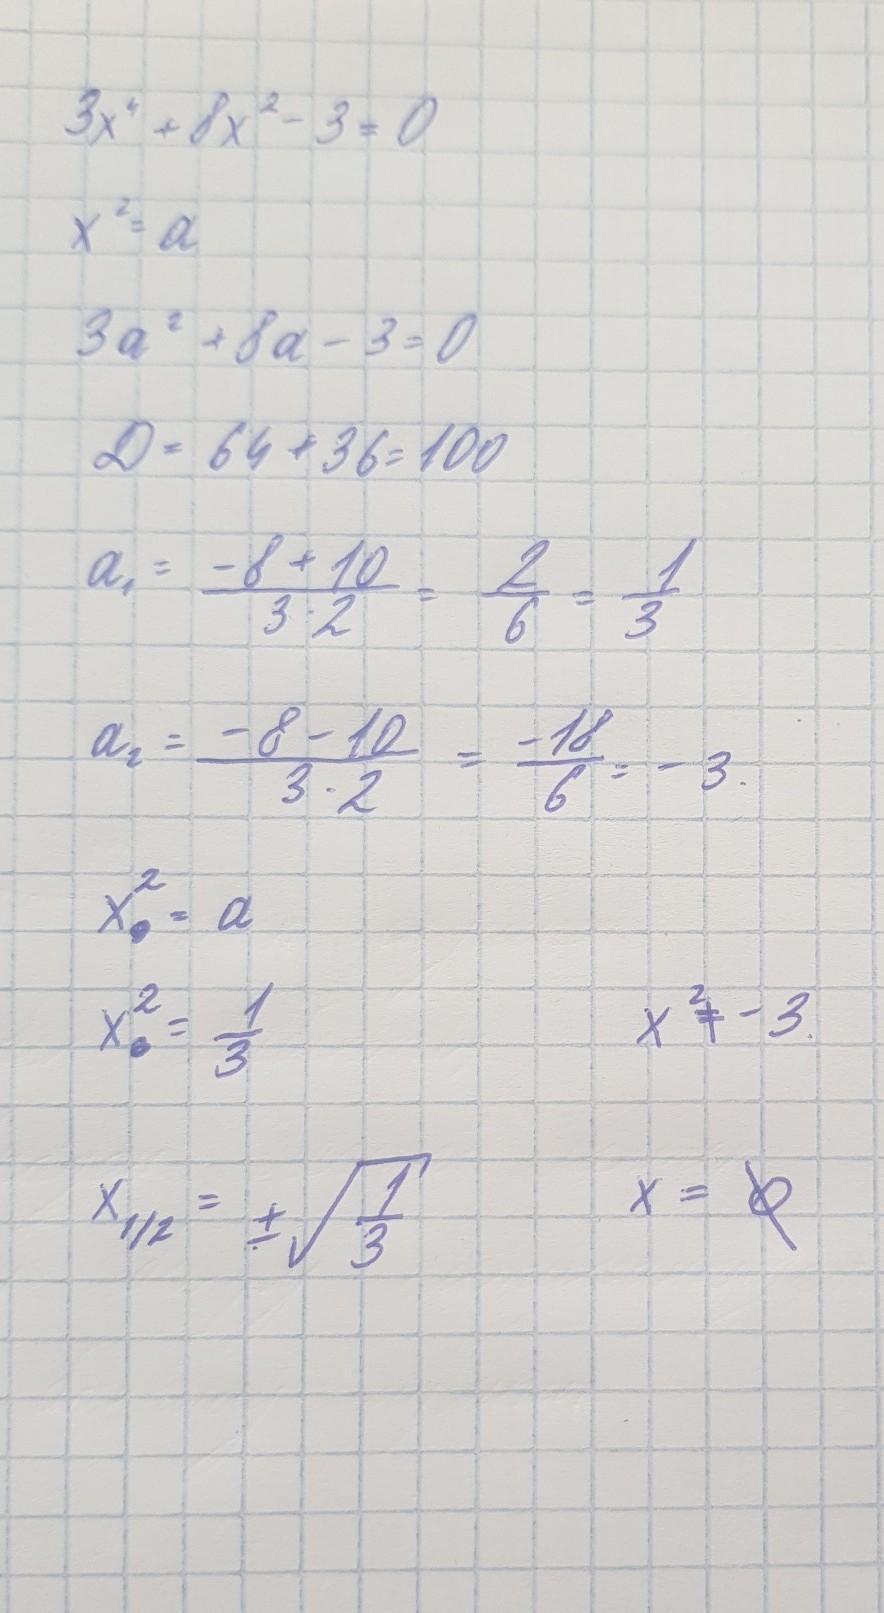 3x⁴+8x²-3=0пасаны срочняк